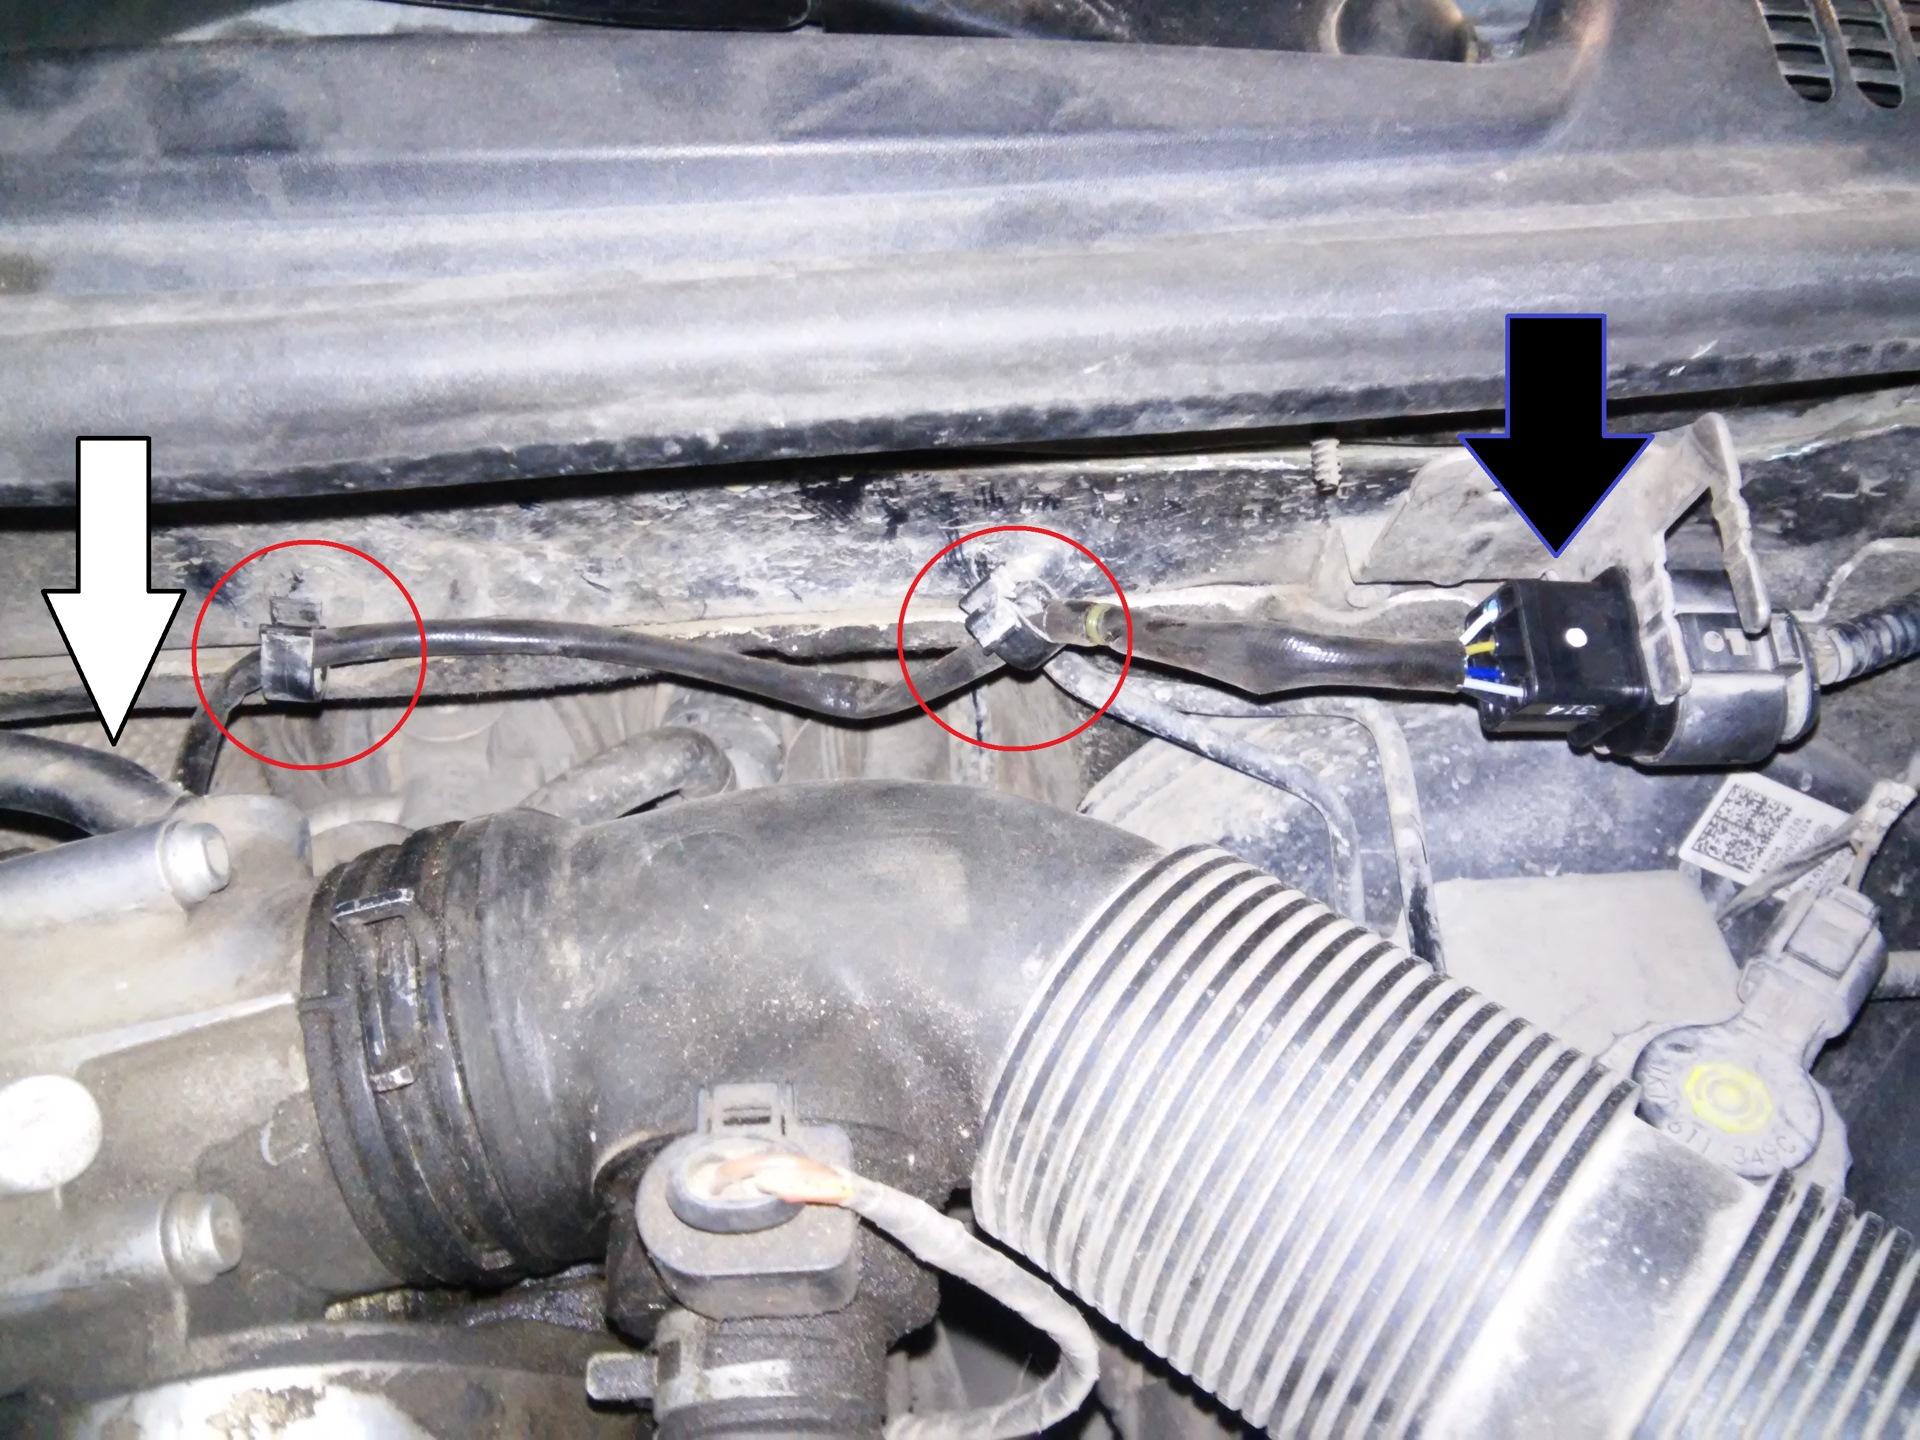 Замена лямбда-зонд шкода октавия а5 Ремонт гидроблока акпп опель корса